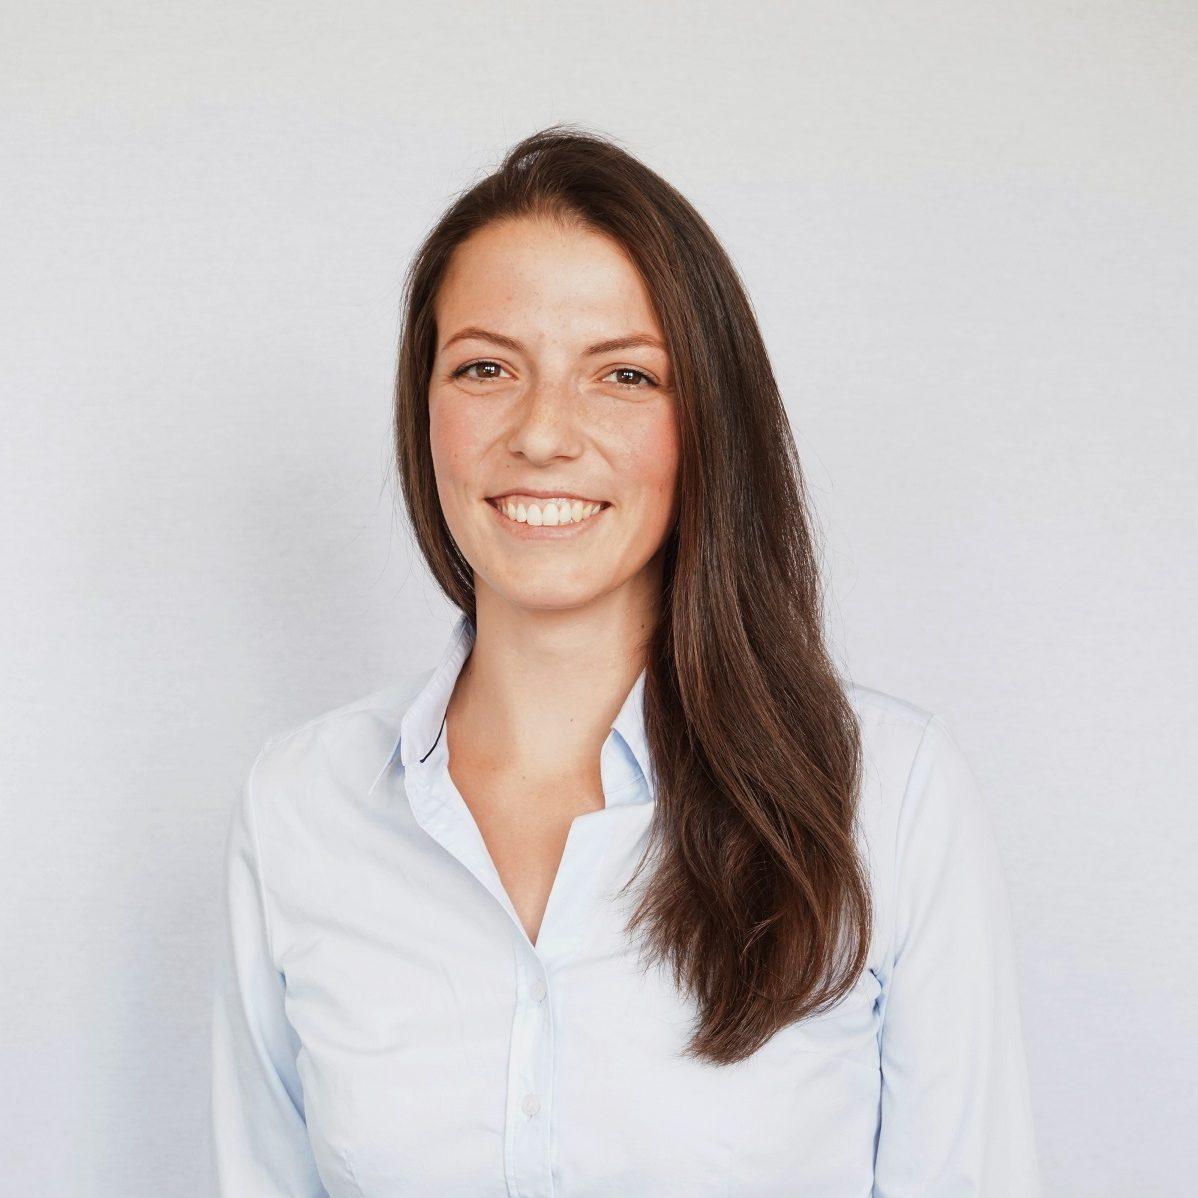 Jasmin Hennrich